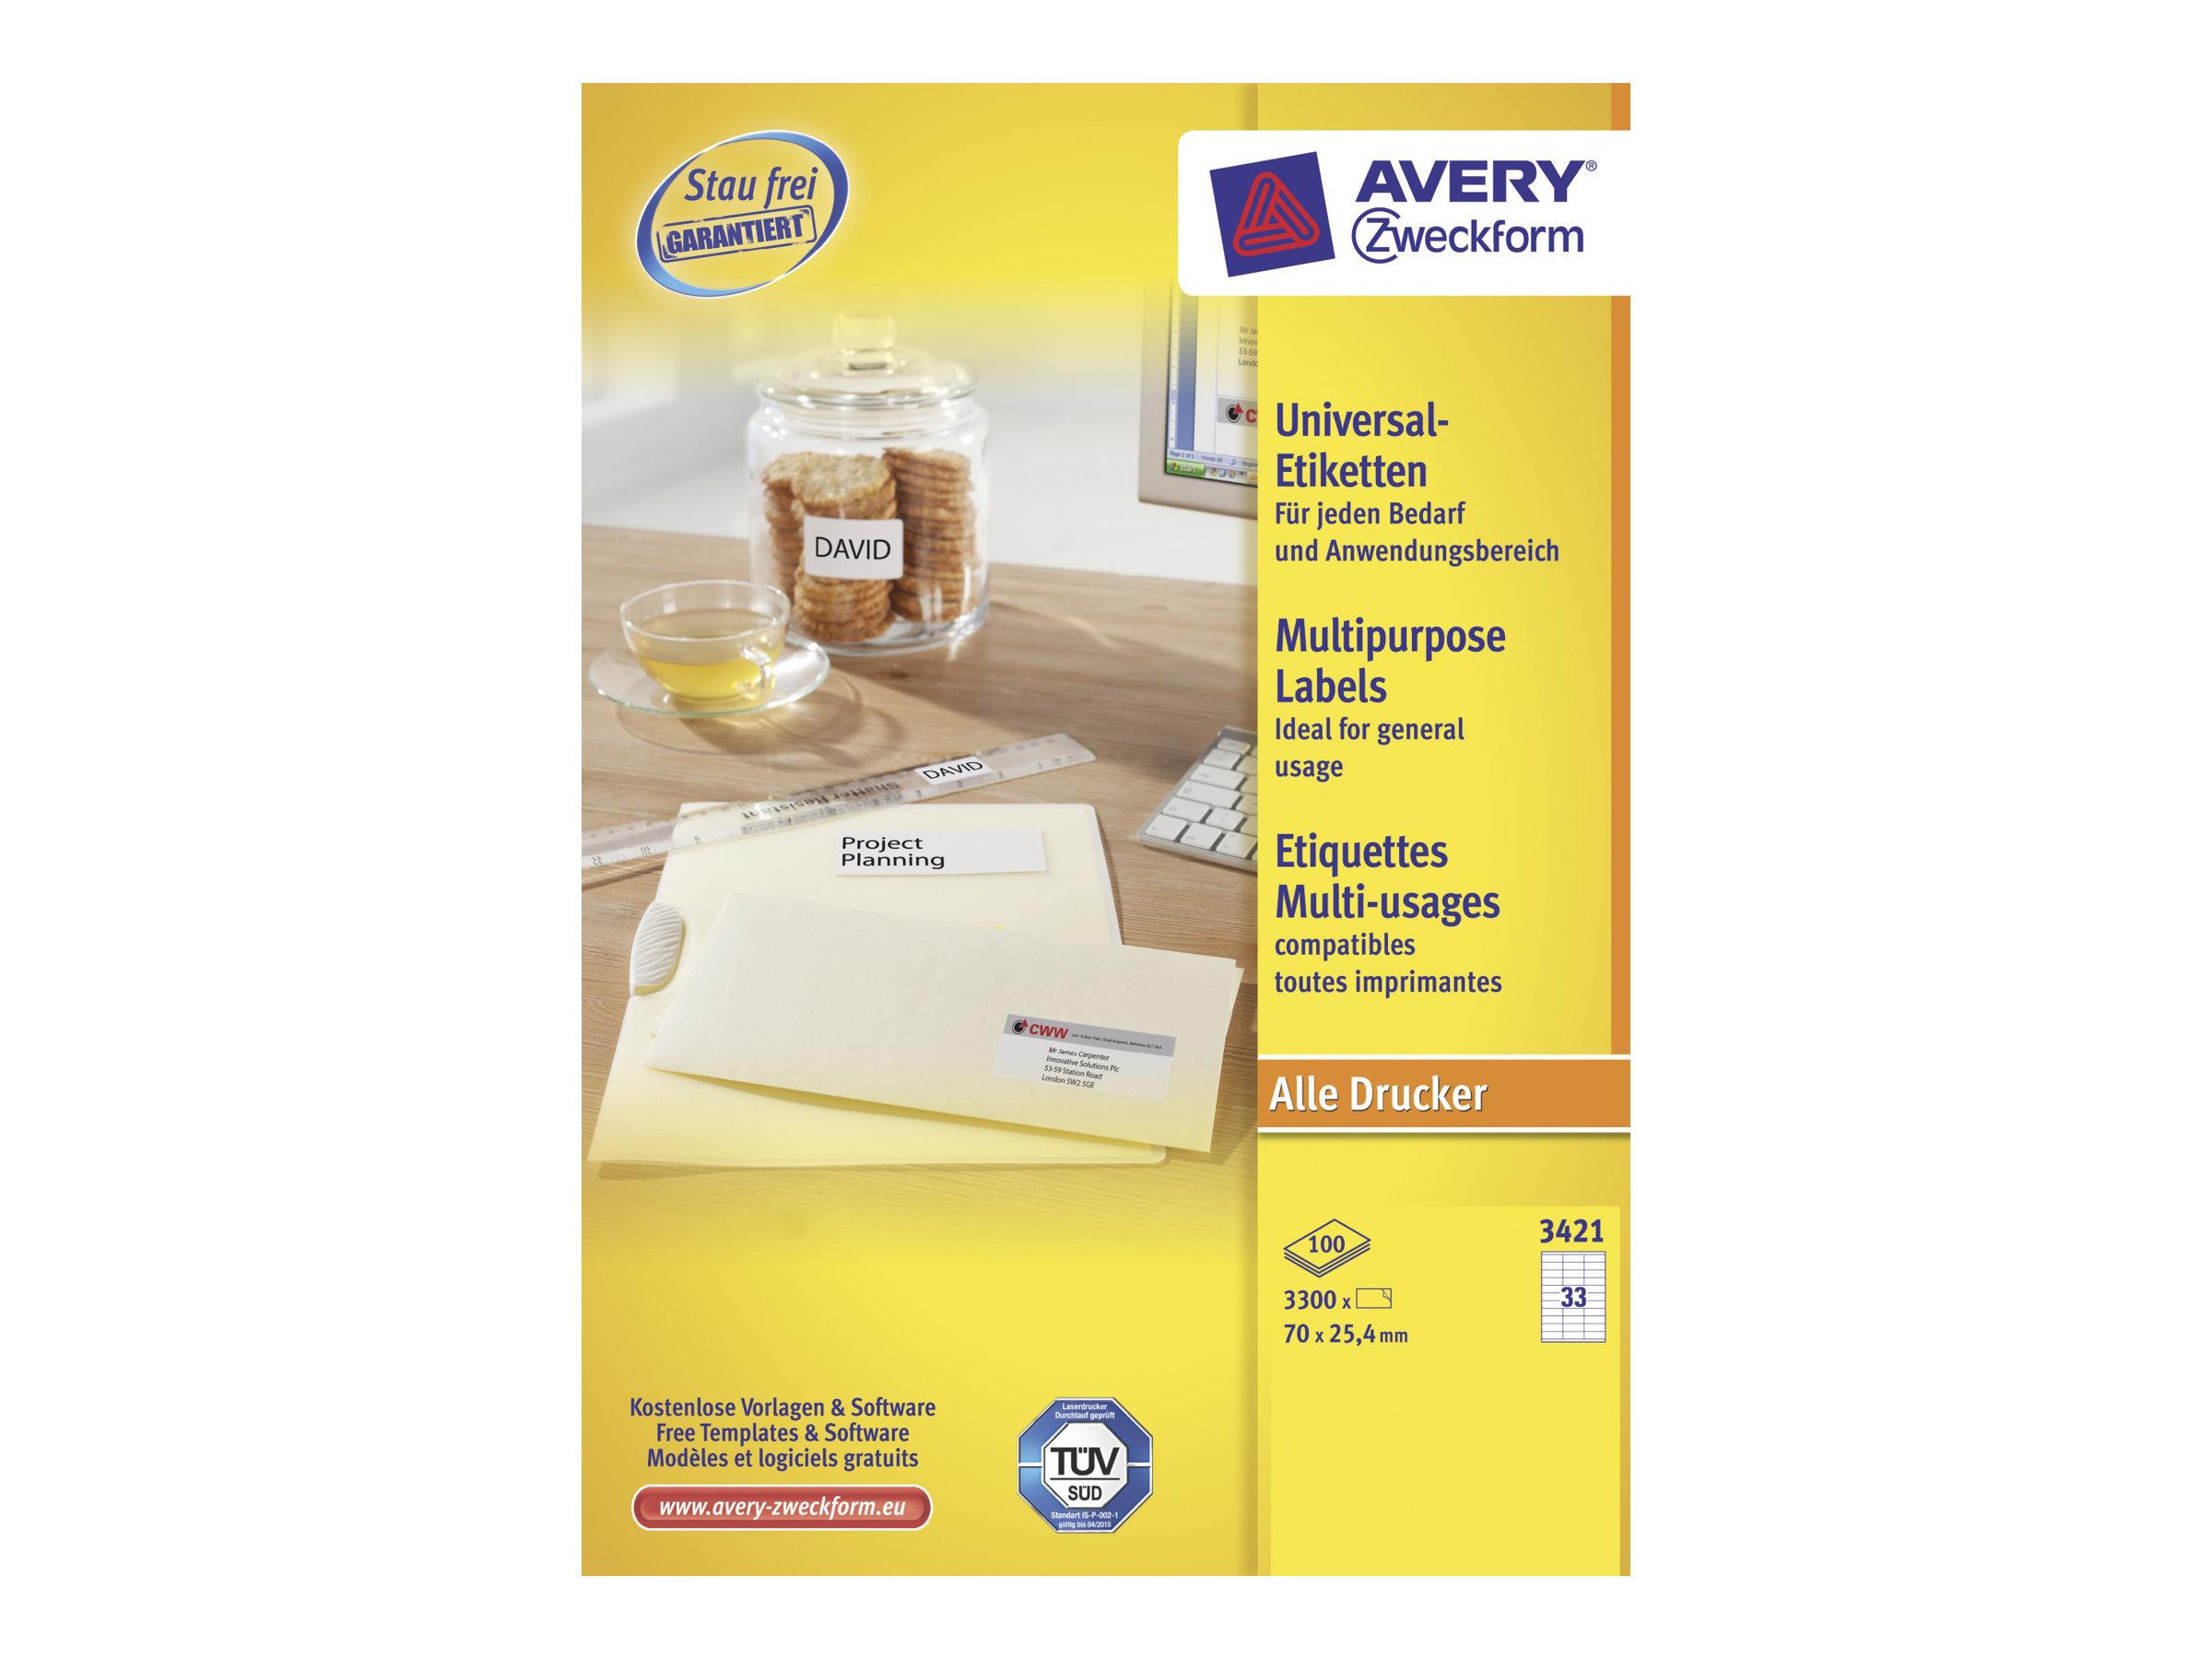 Avery Zweckform  Weiß - 70 x 25.4 mm 3300 Stck. (100 Bogen x 33) Mehrzwecketiketten